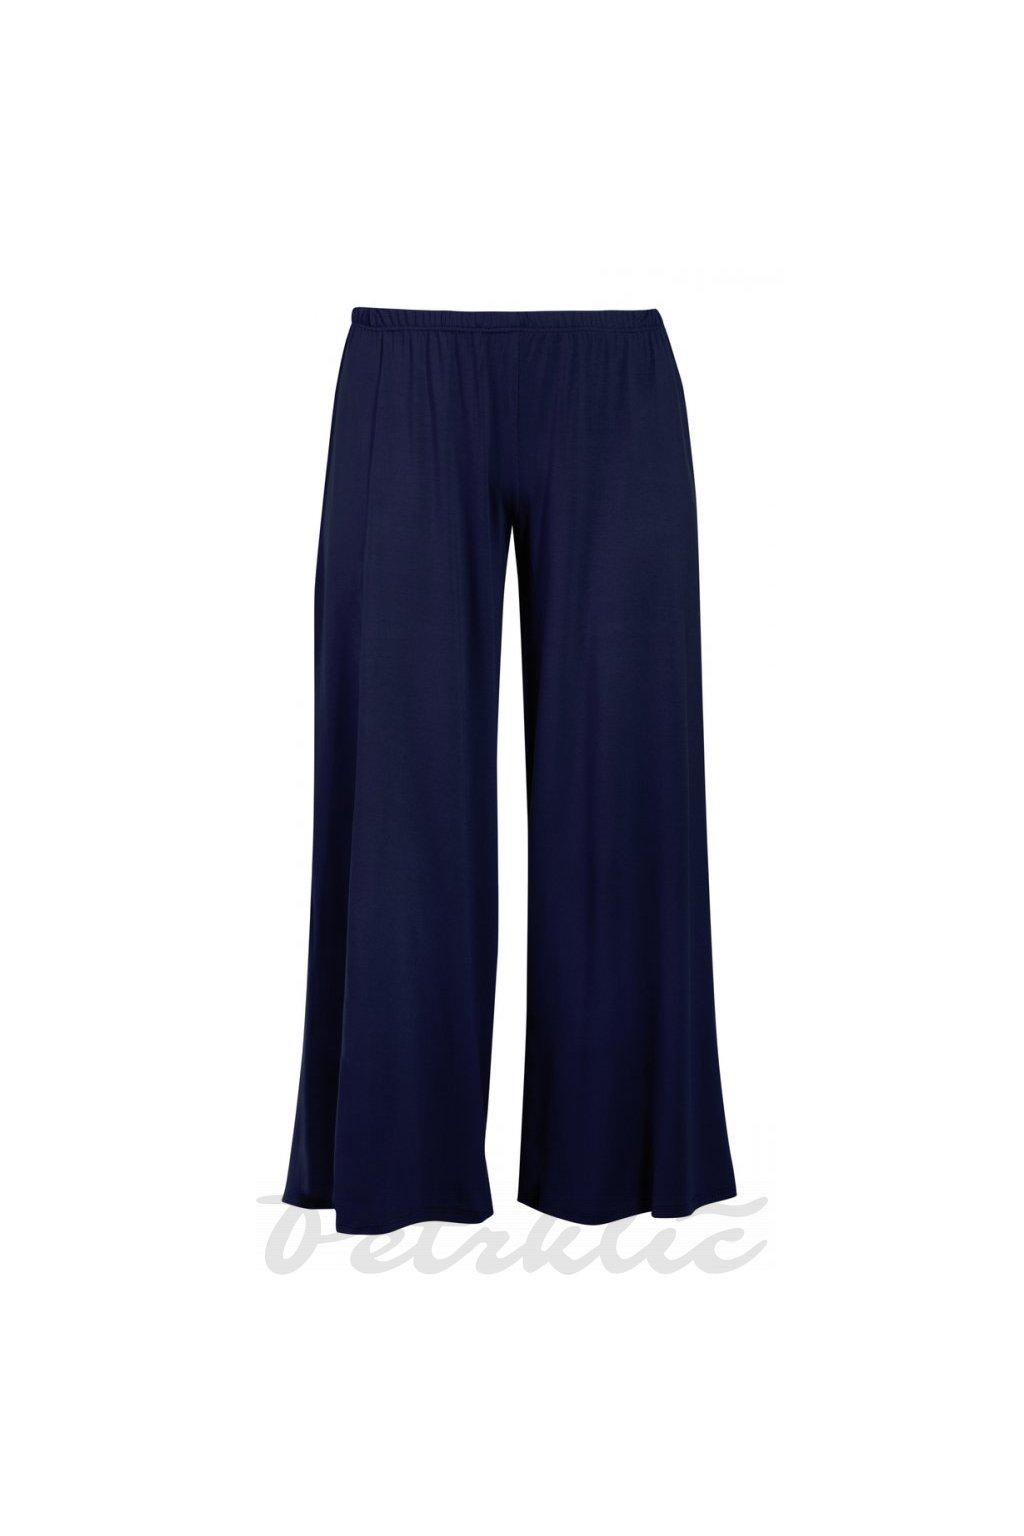 GABA - kalhotová sukně 50 - 55 cm